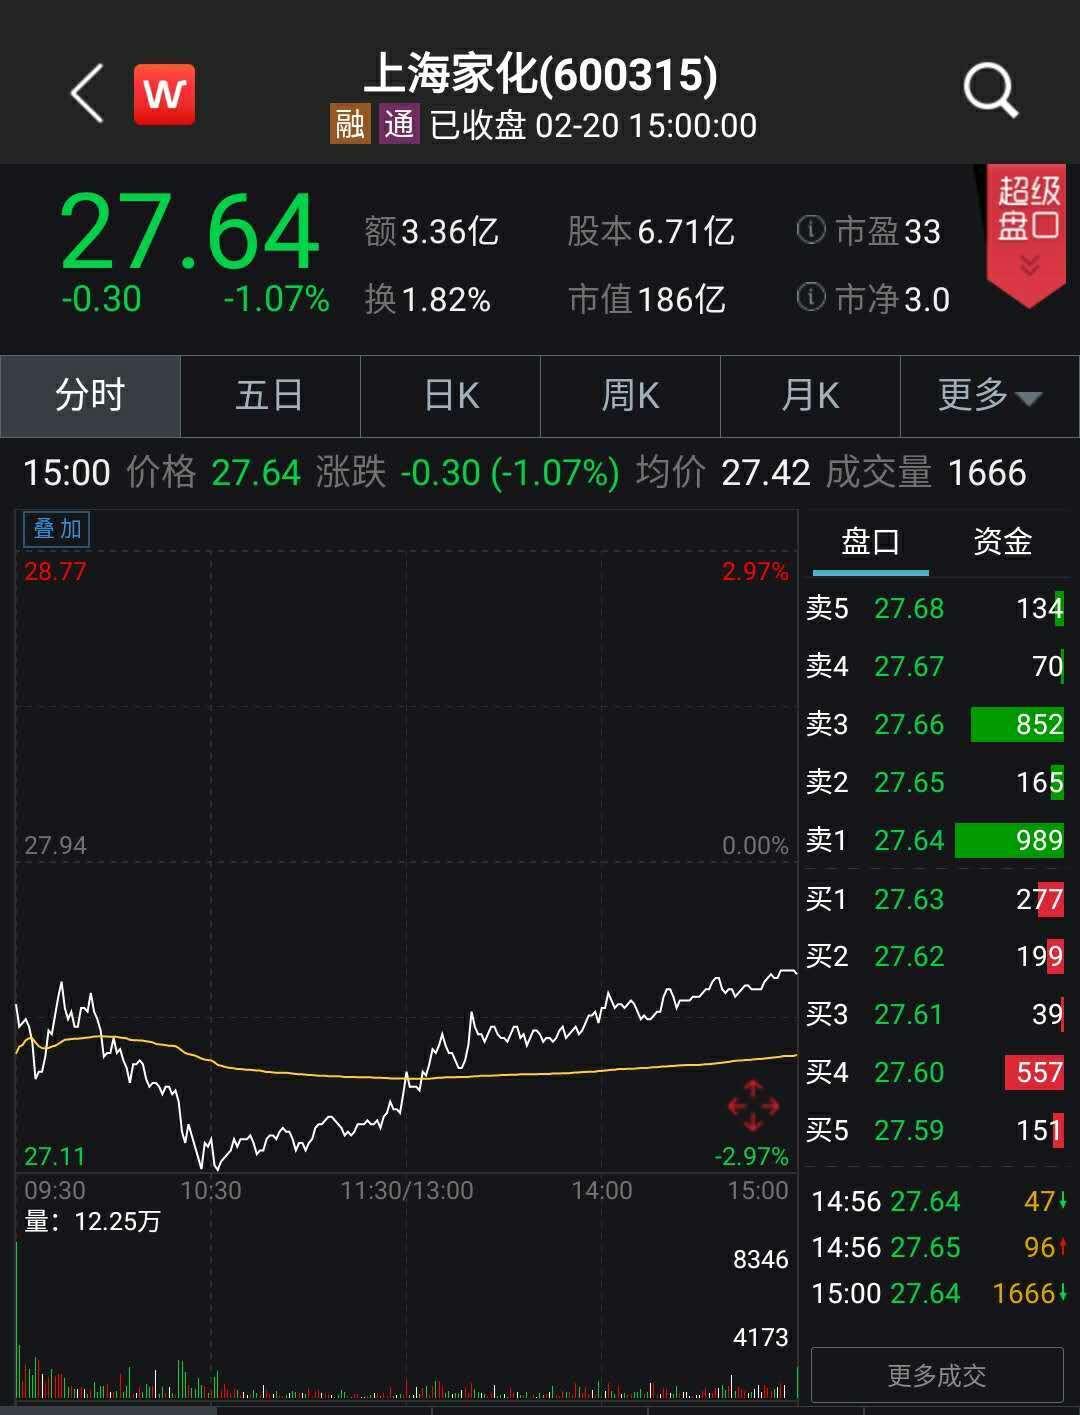 """扣非净利润下滑16.91% 上海家化如何掉出A股化妆品公司""""第一梯队"""""""